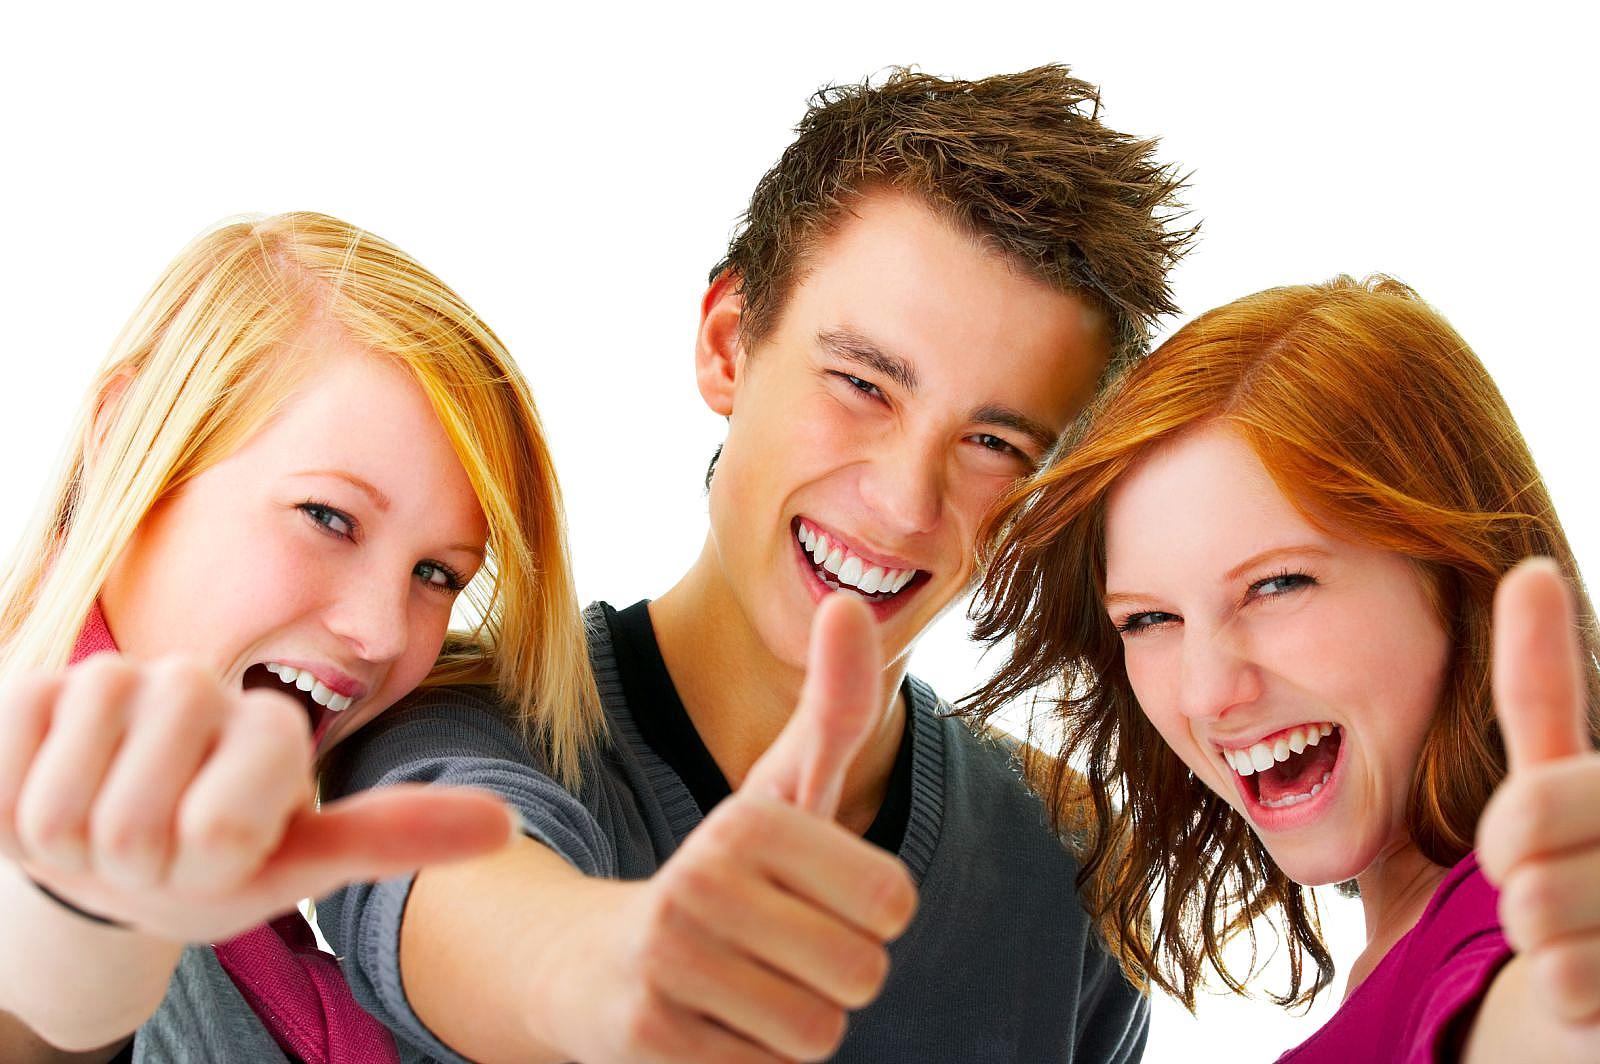 молодежь познает радости куда нашем